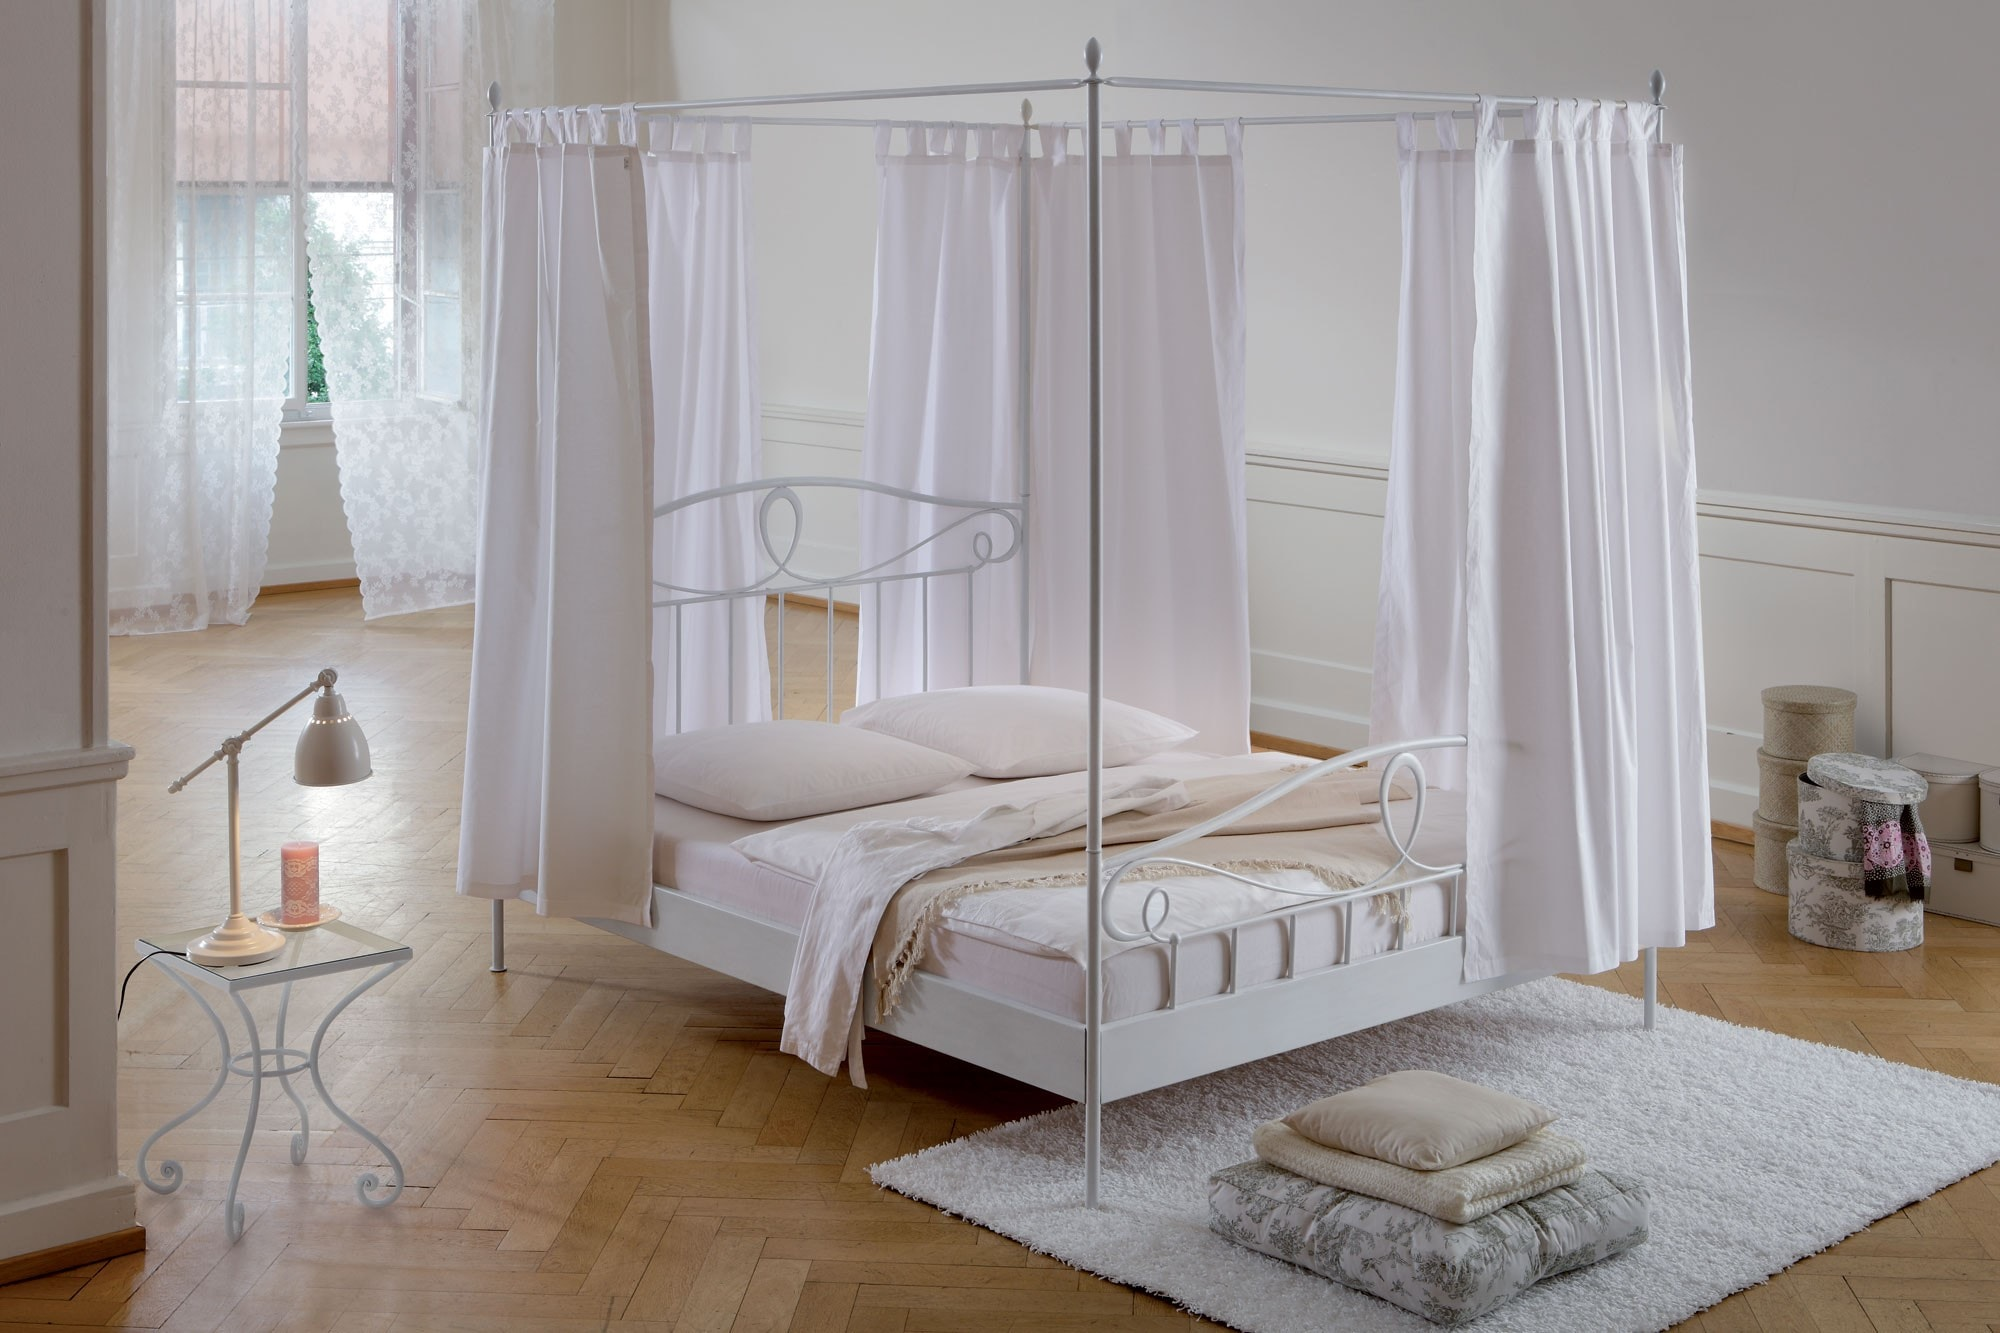 El encanto de la cama con dosel colch n expr s - Cama con dosel ...